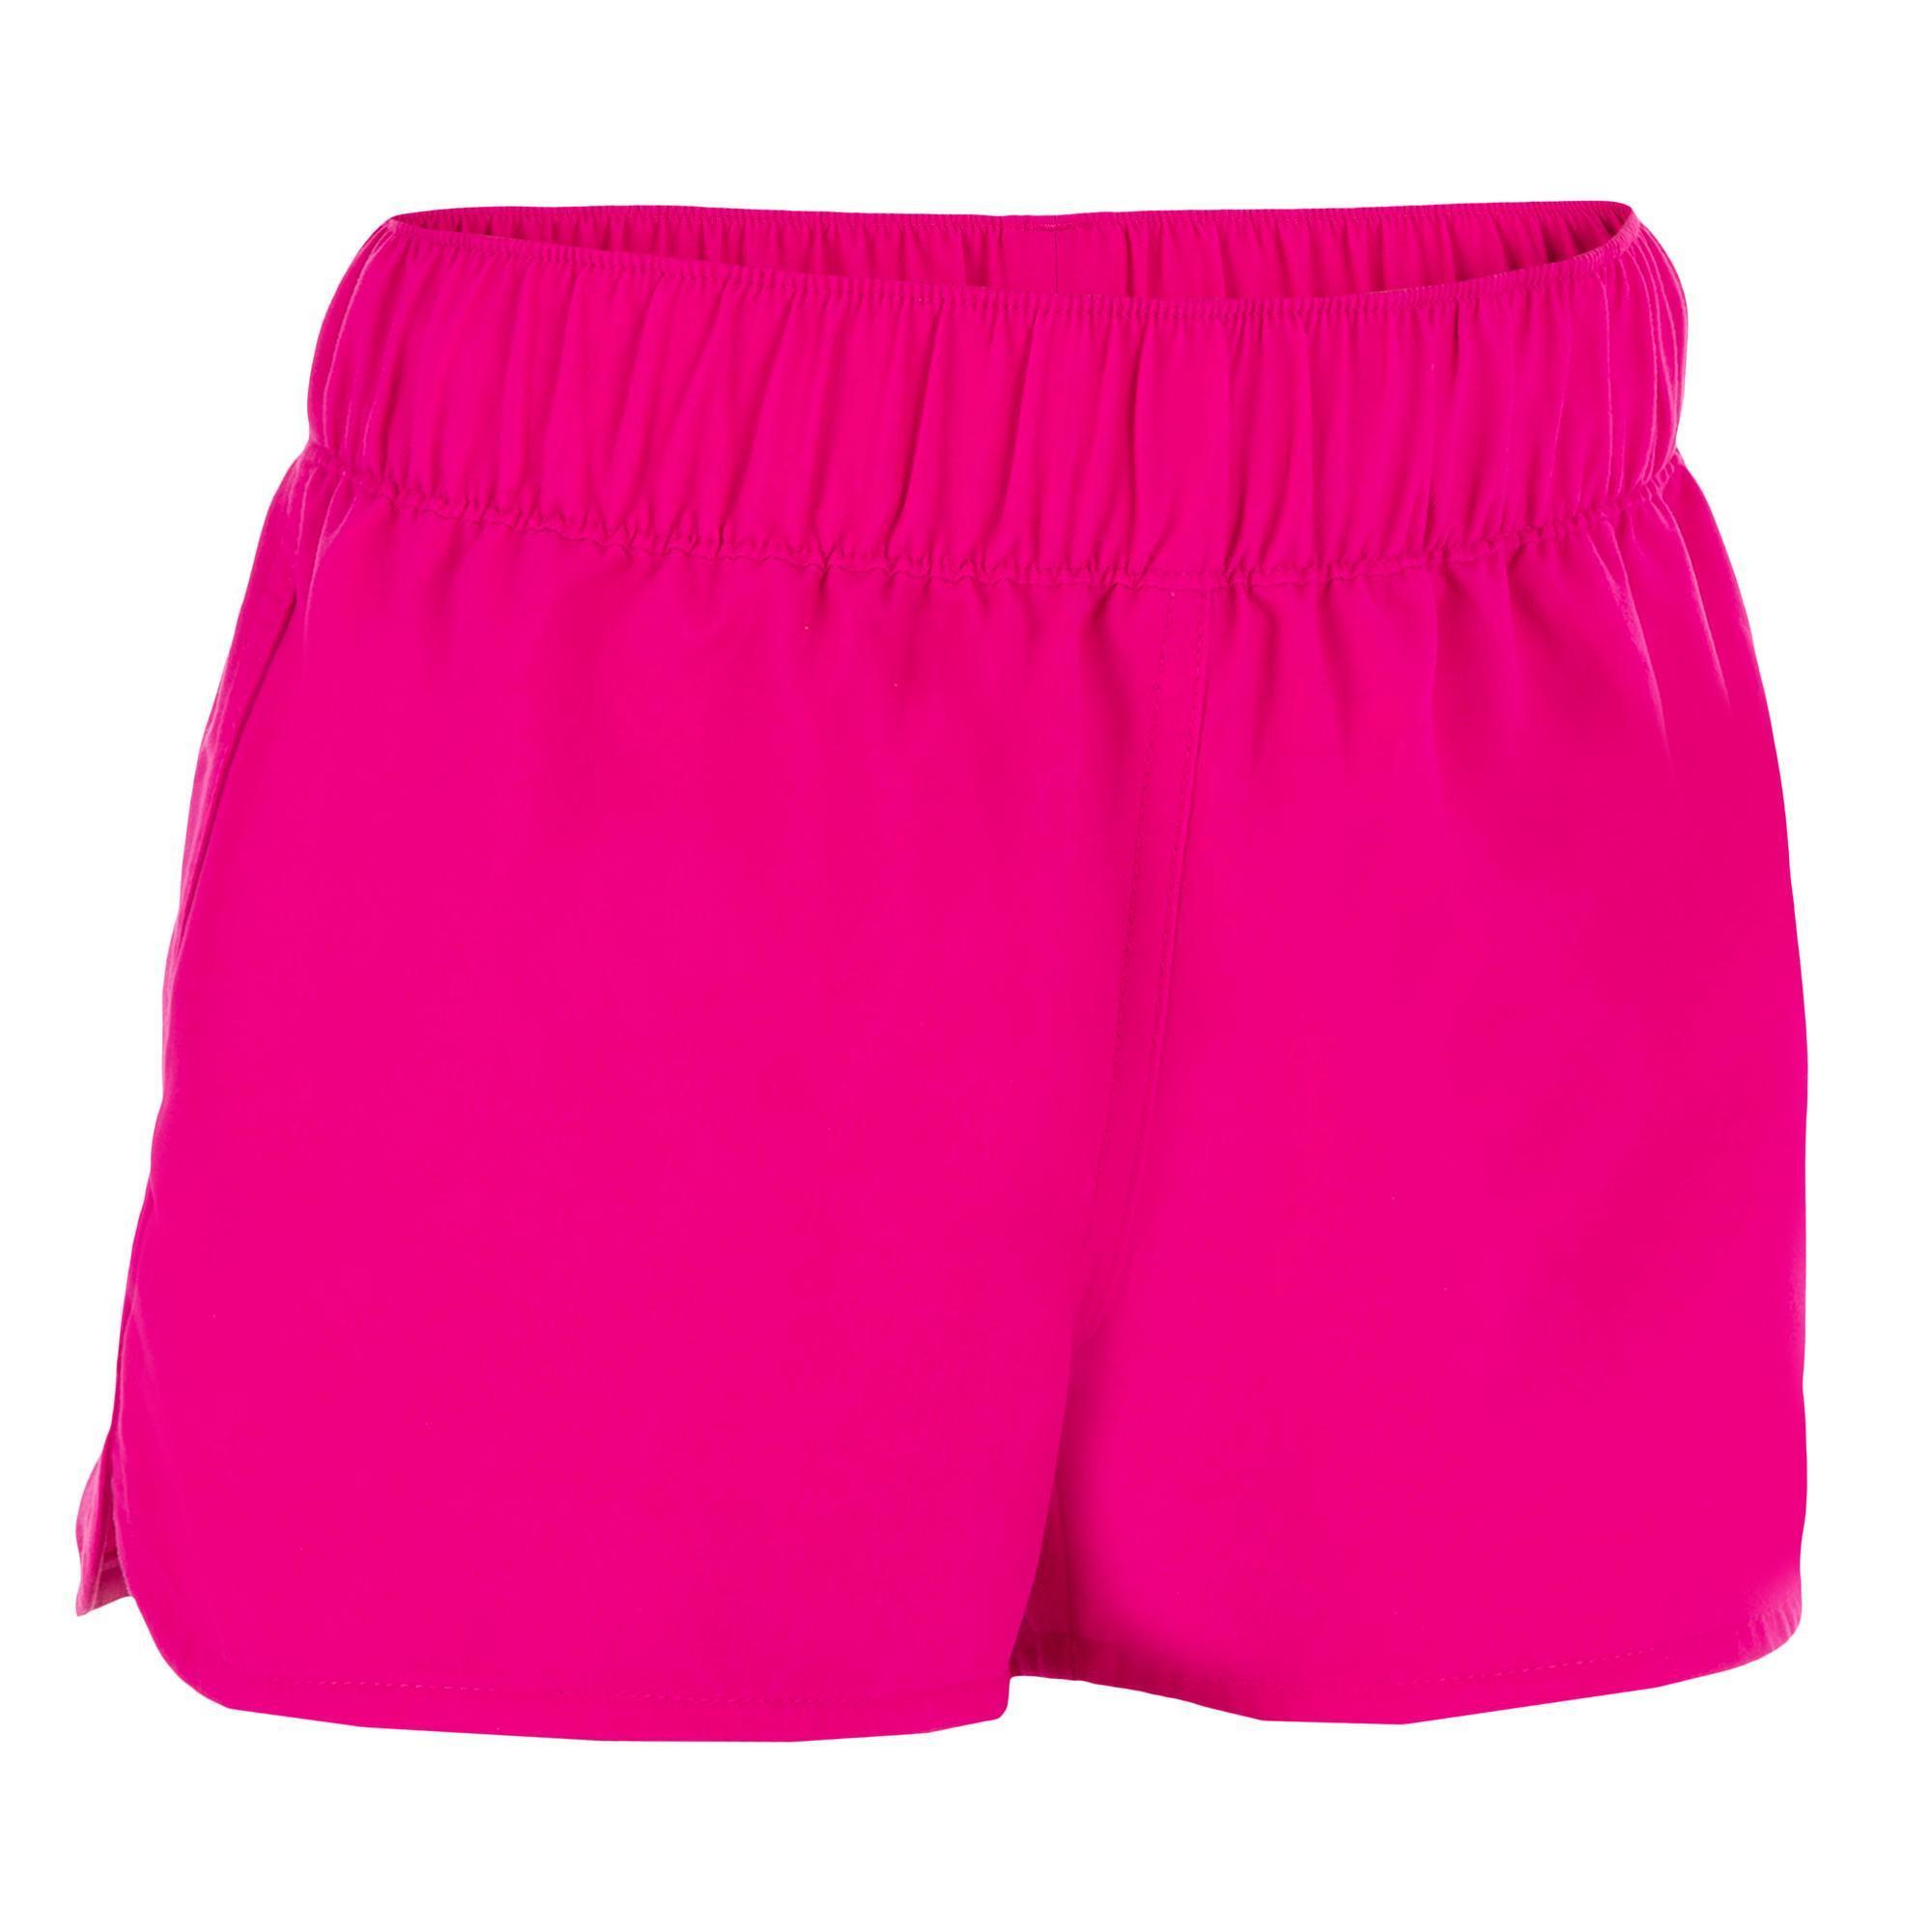 Mädchen,Kinder Boardshorts kurz Kina mit elastischem Taillenbund Mädchen rosa | 03608459583999